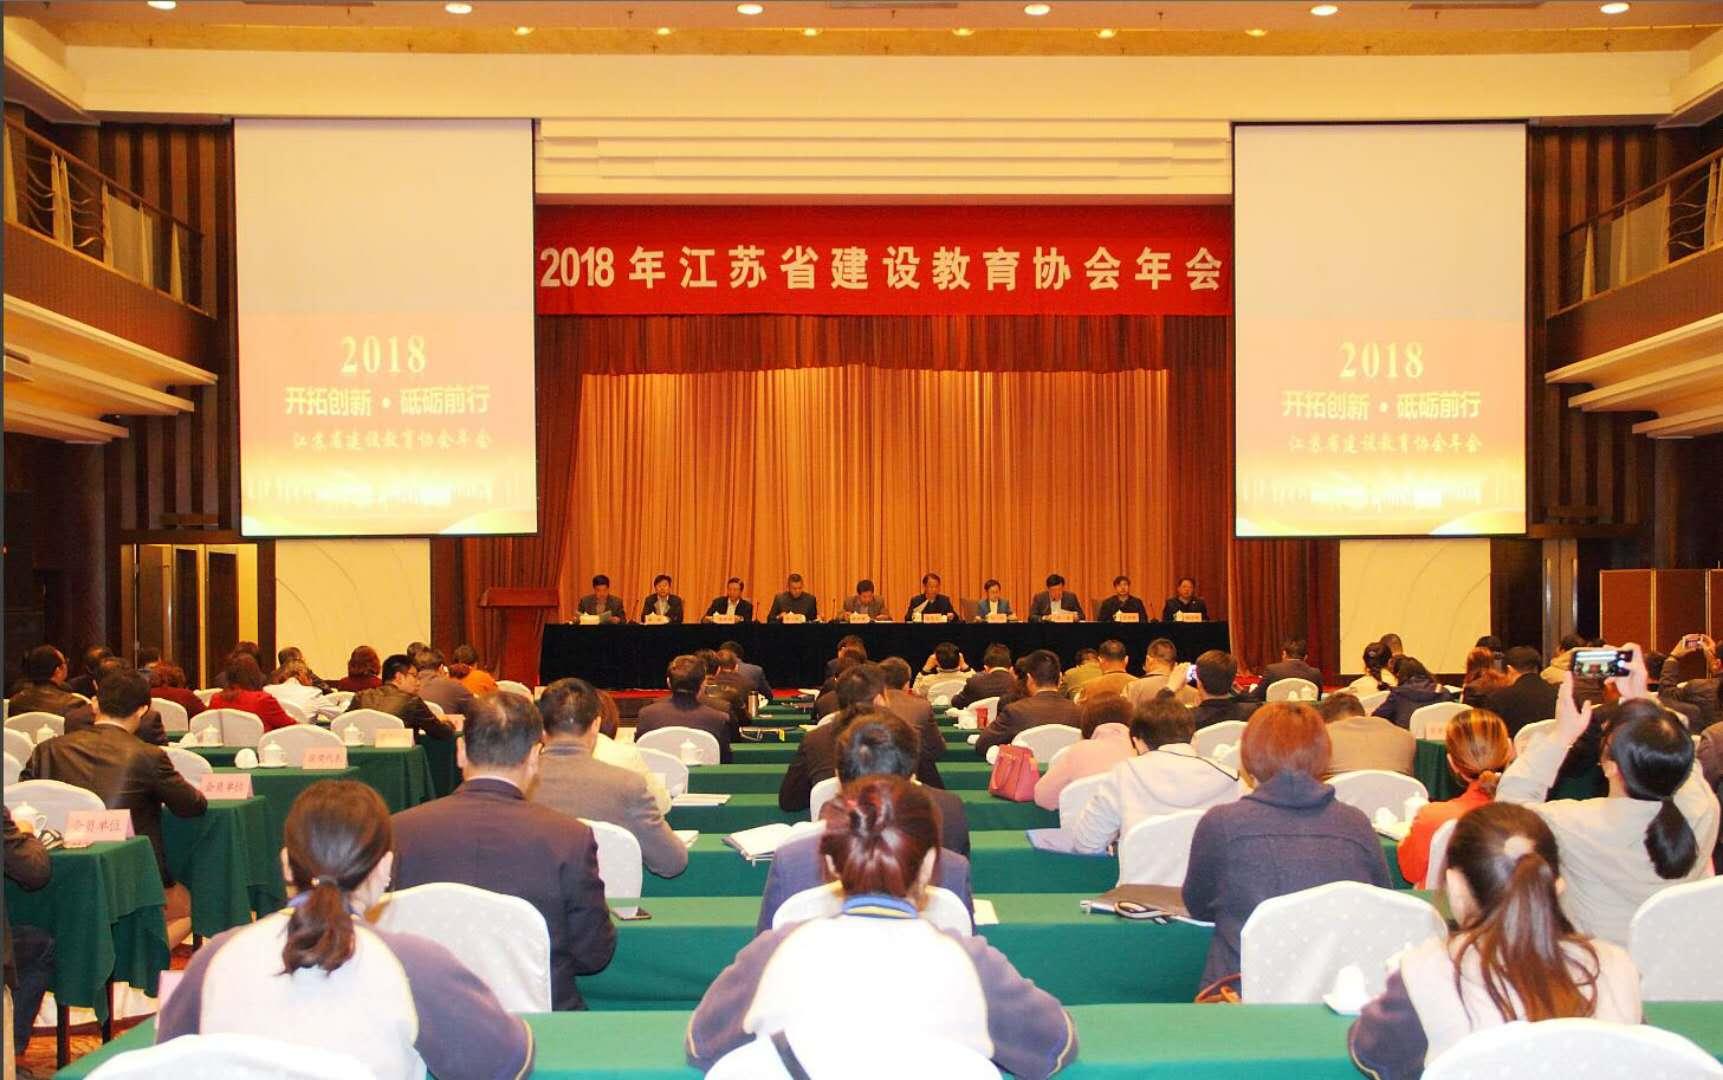 坚持新思想引领 推动高质量发展——2018年江苏省建设教育协会年会在南京召开